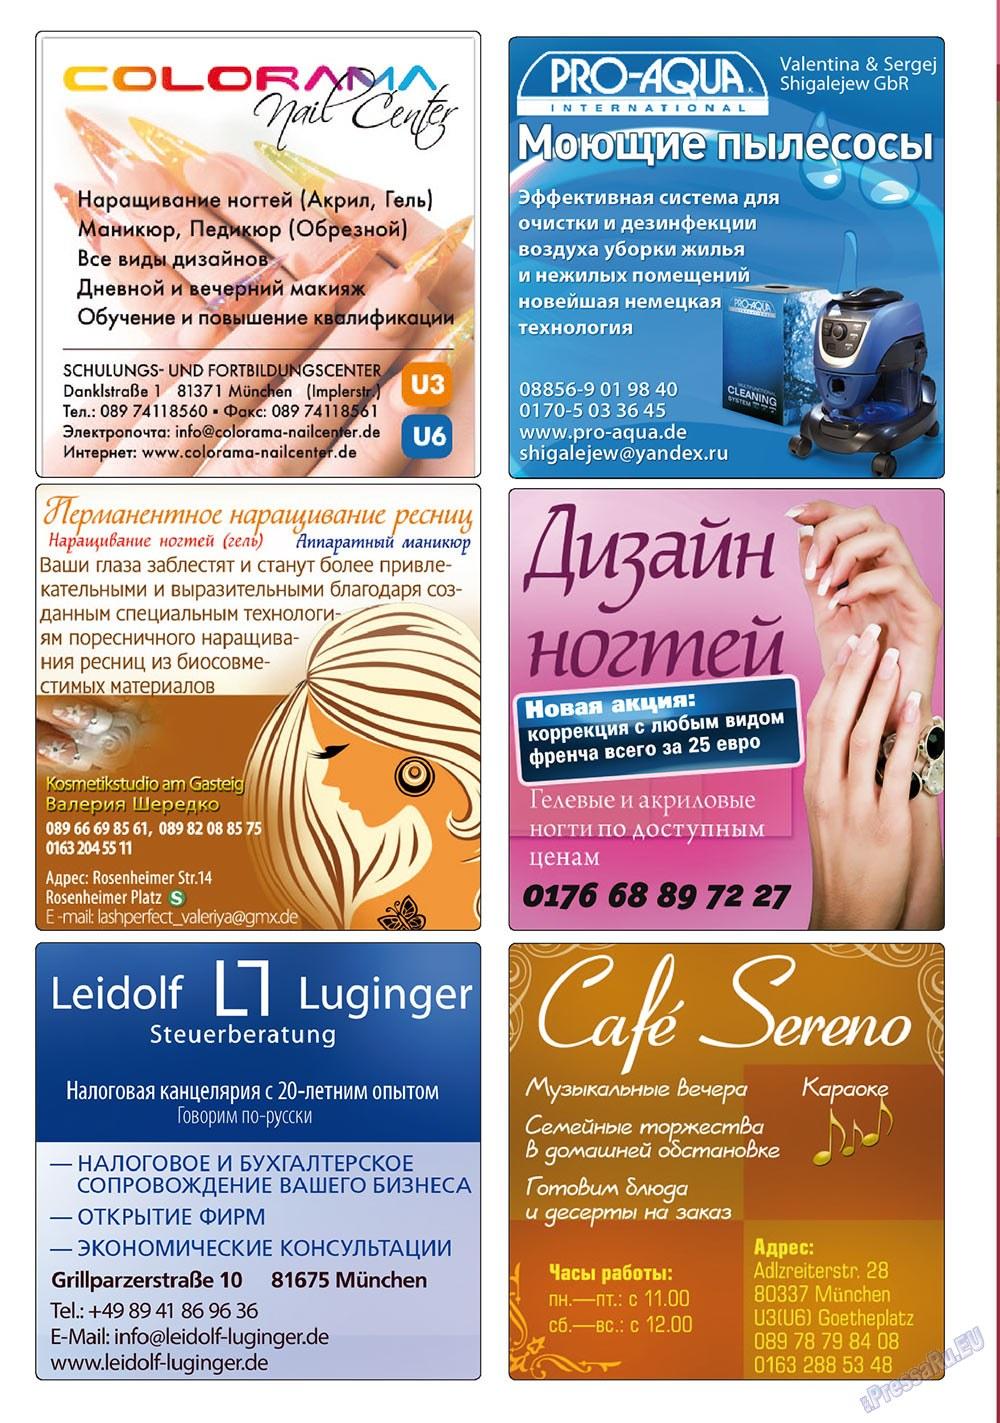 Апельсин (журнал). 2010 год, номер 12, стр. 36